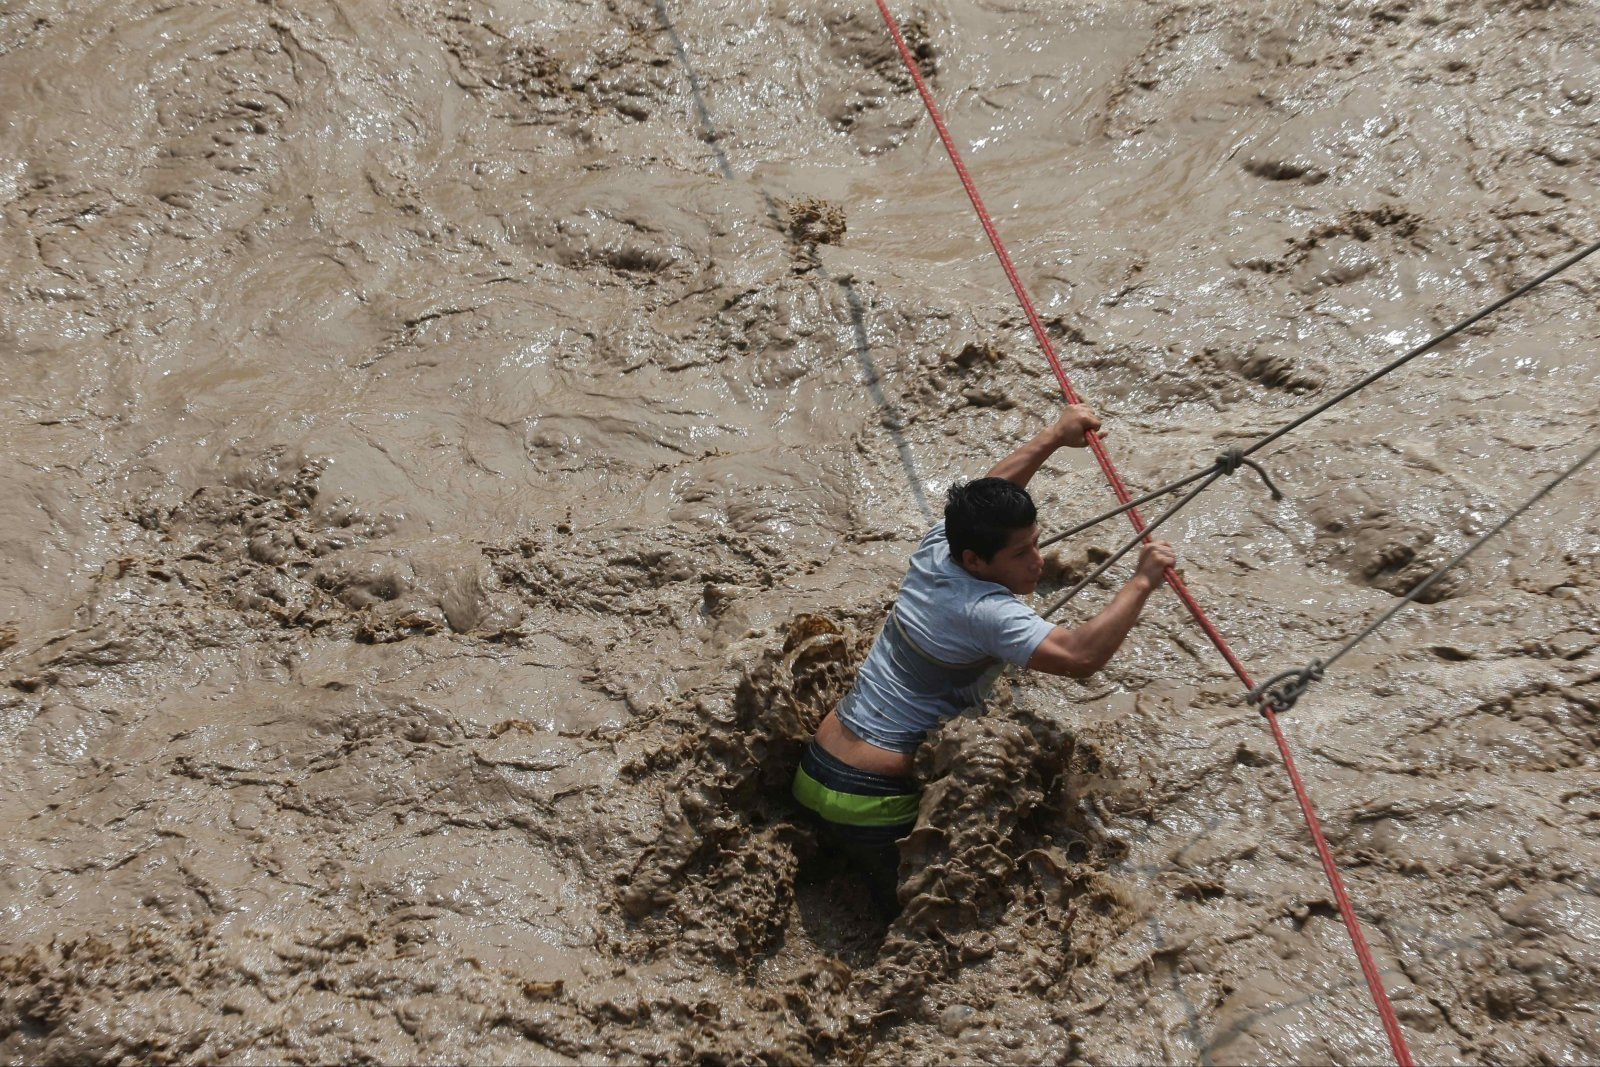 Wylew rzeki Rimac i Huaycoloro w Limie, Peru. Fot. PAP/EPA/Ernesto Arias